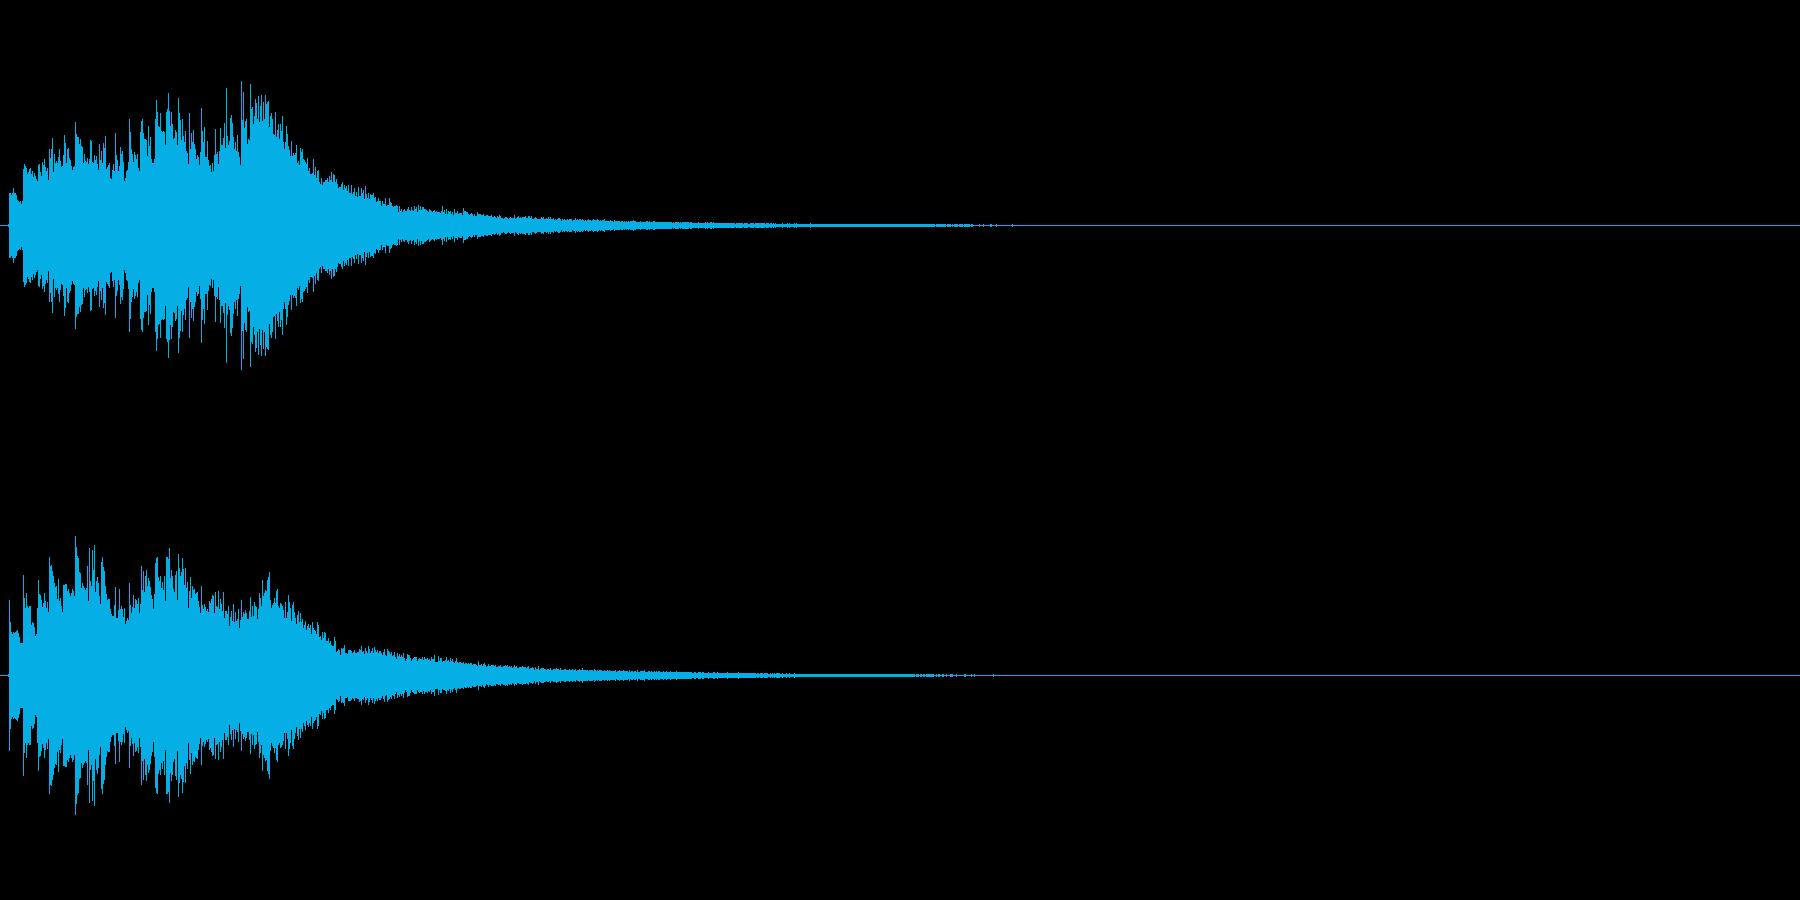 シャララララン(鉄琴を低音から高音へ)の再生済みの波形